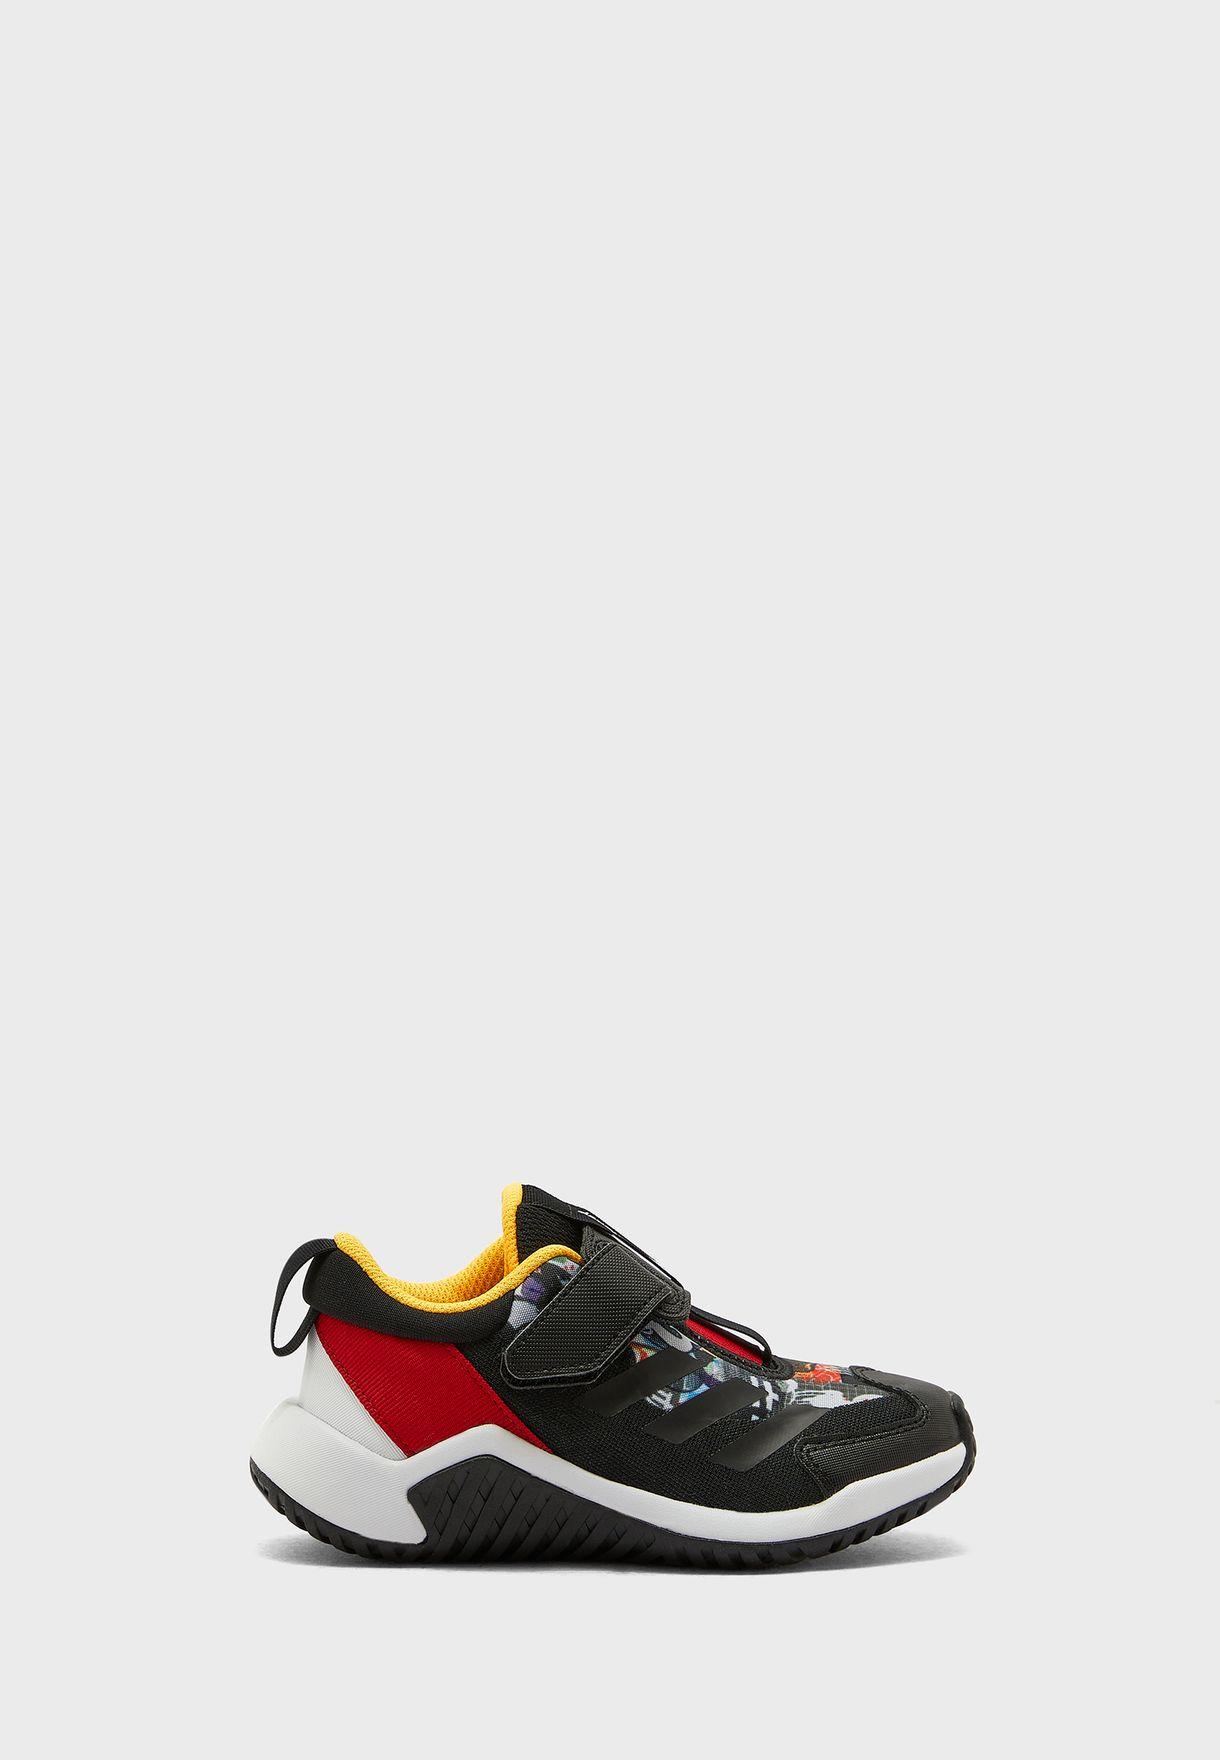 حذاء فيوتشر سبورت ميكي